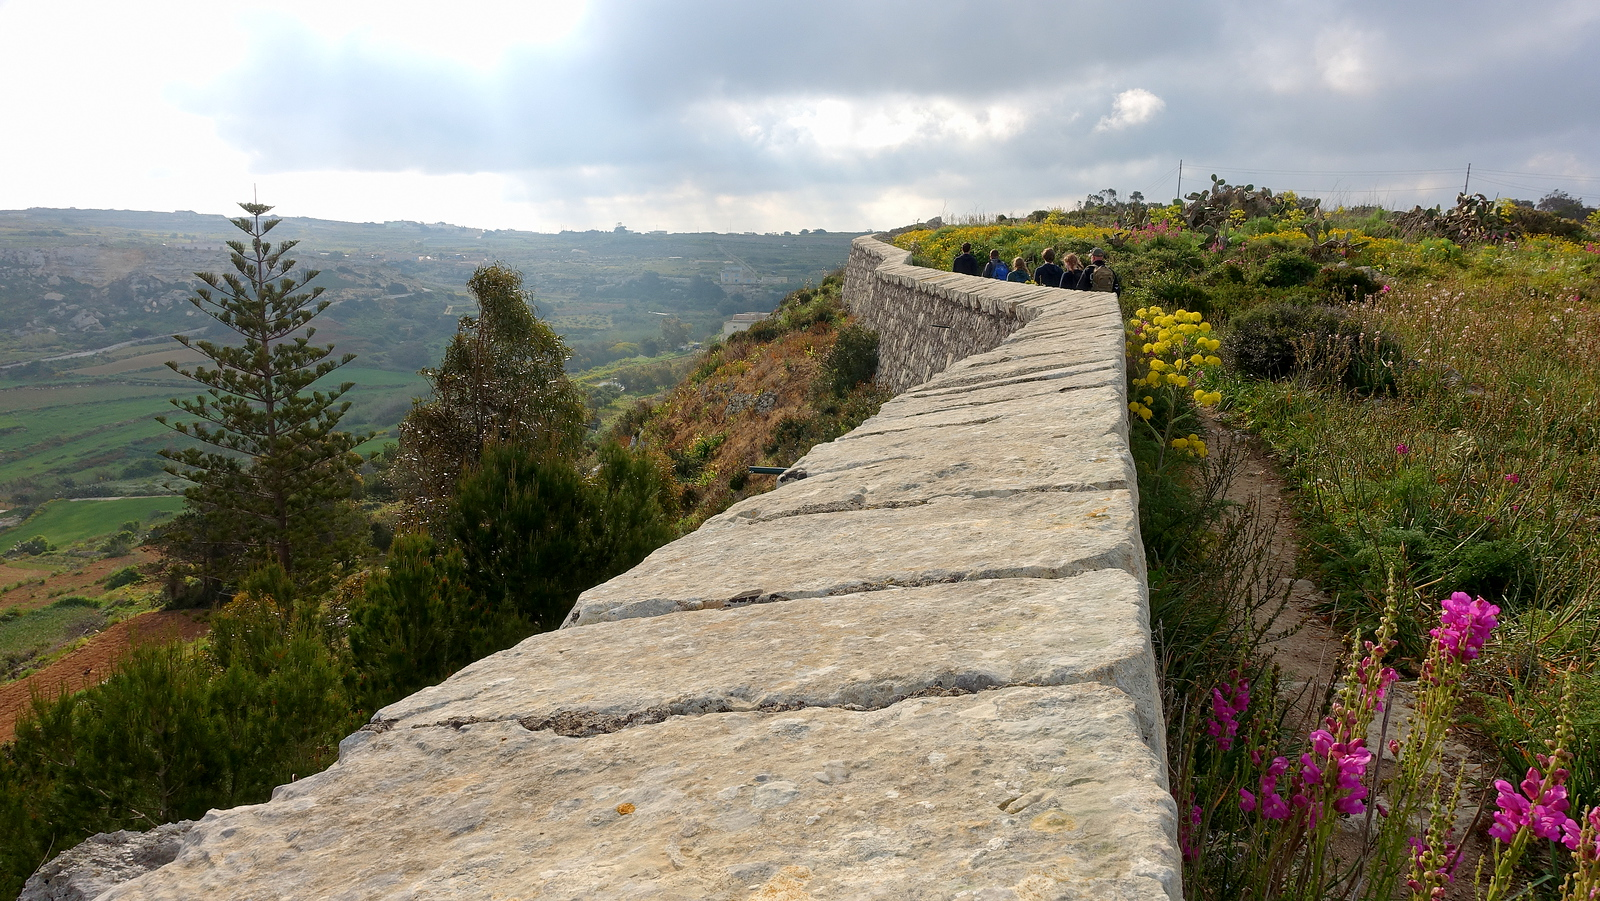 Victoria Lines Trek in Malta. Vitoria Lines Route